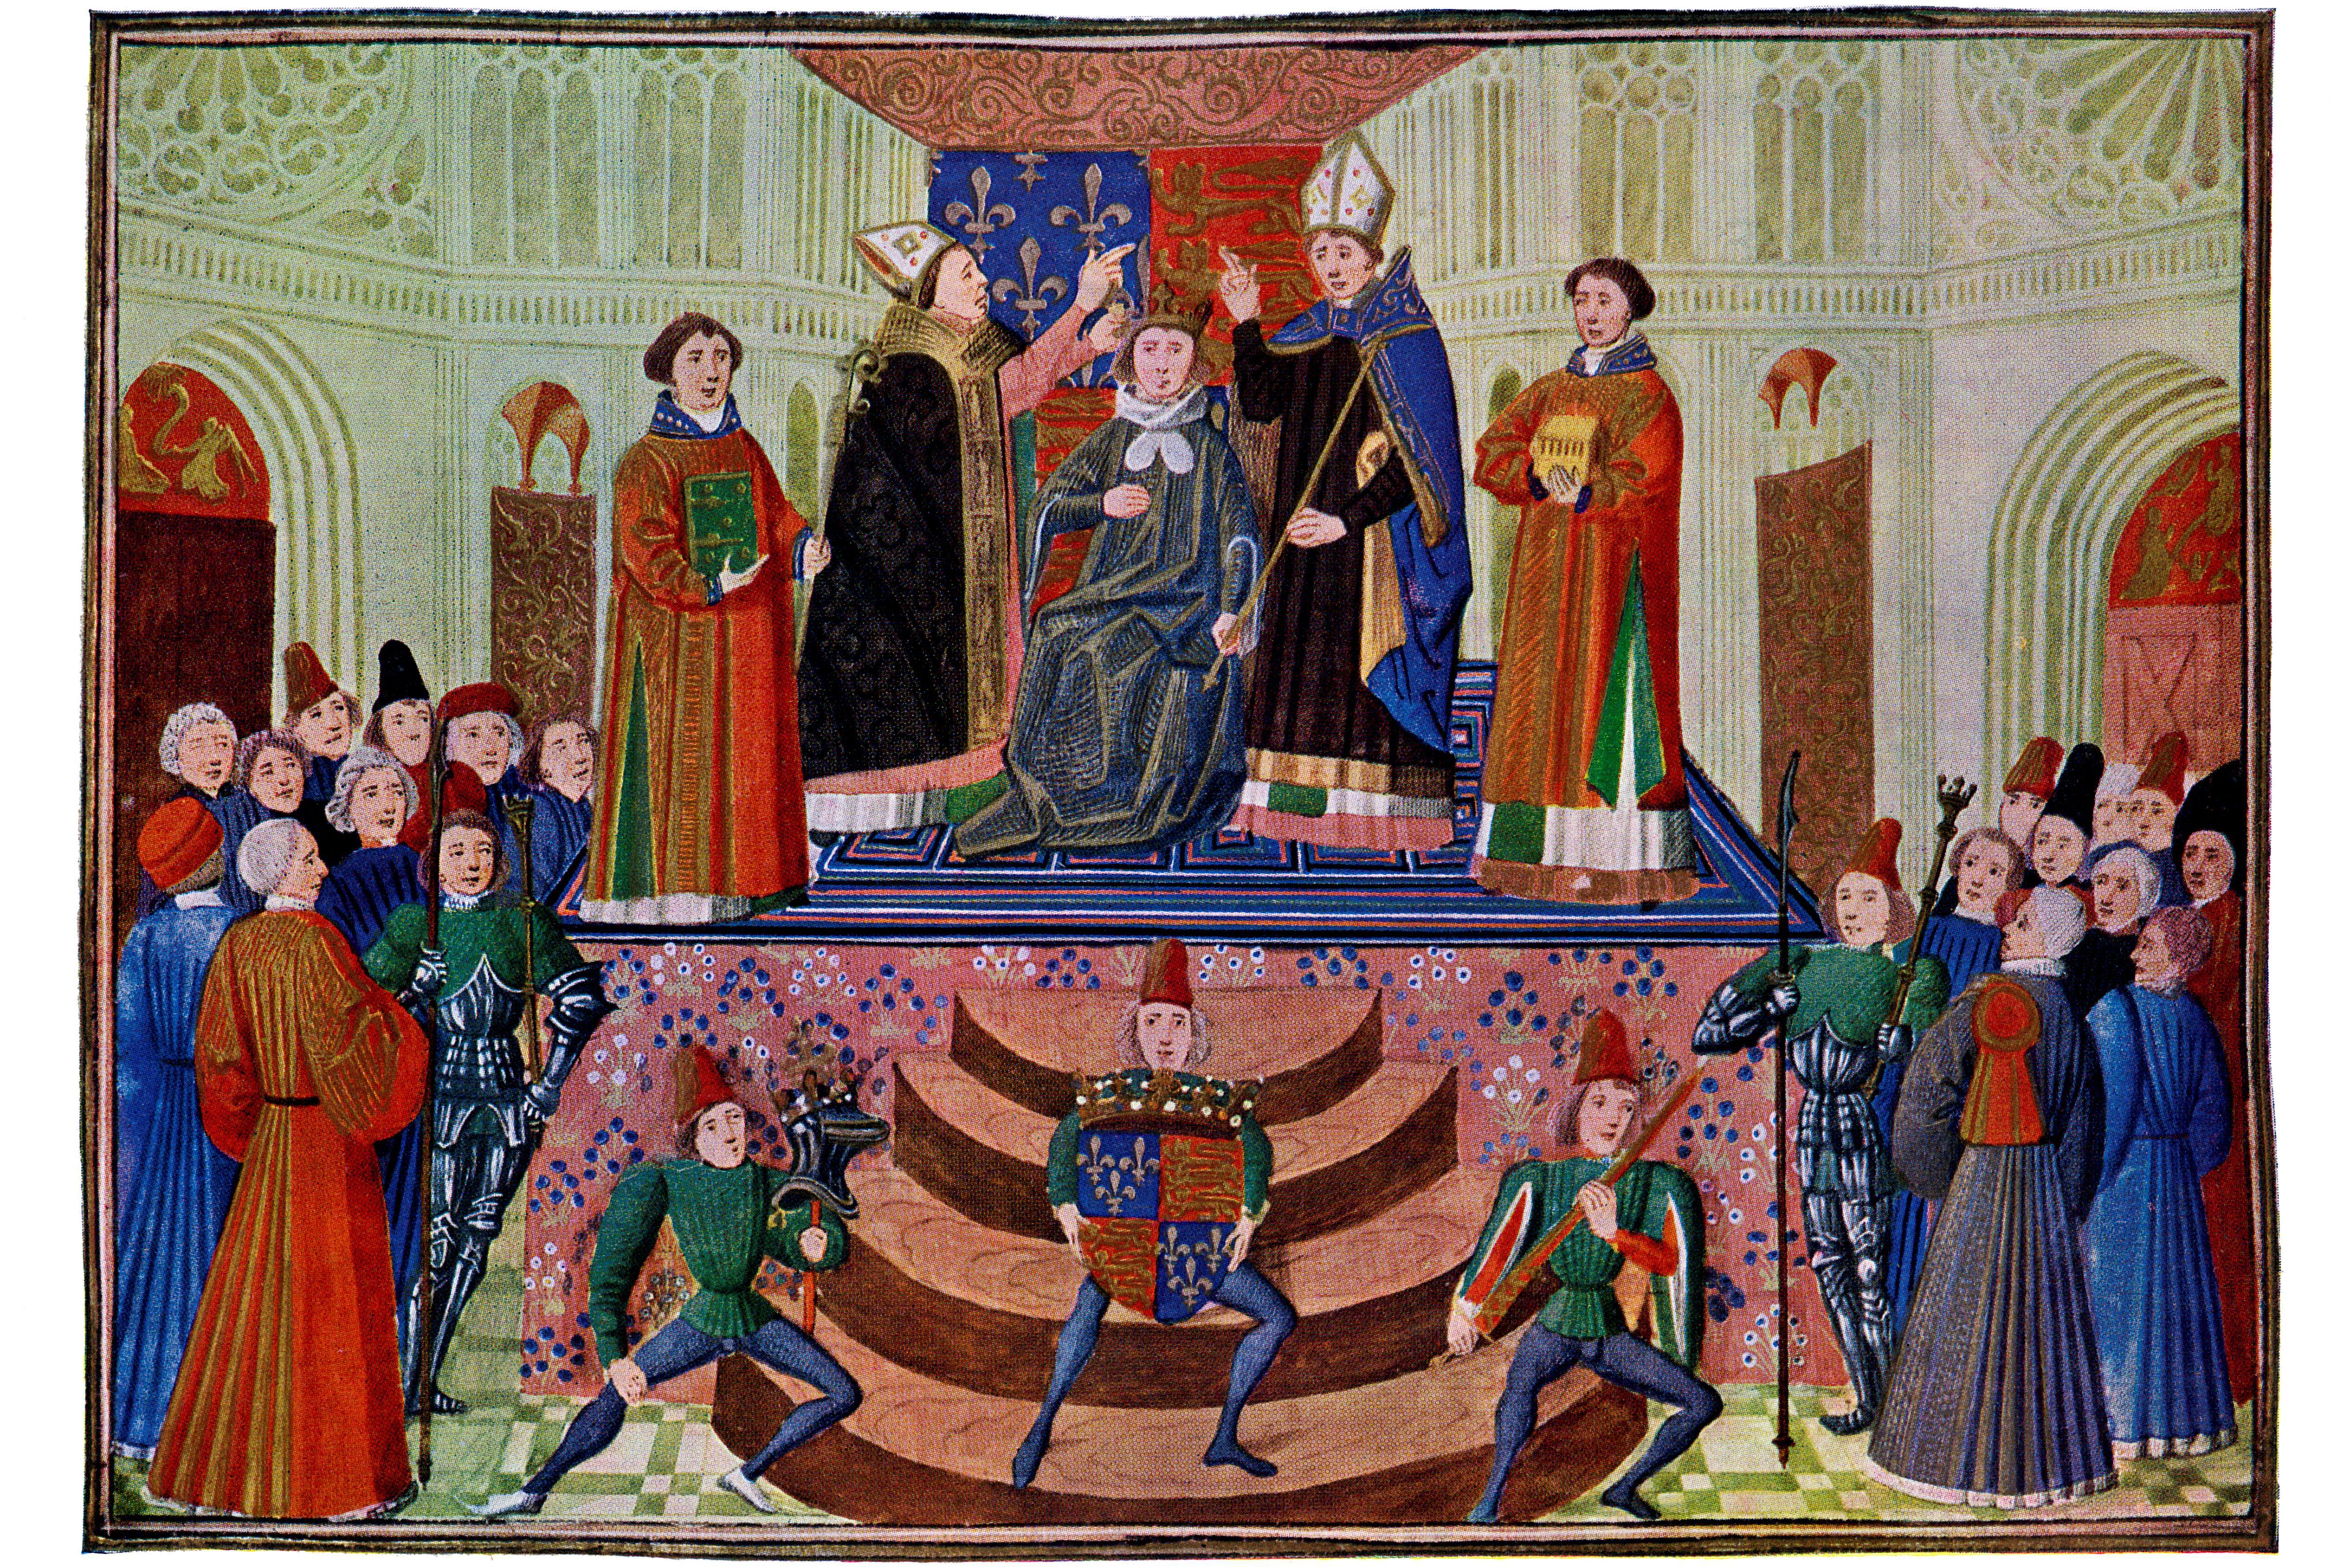 Coronation of Henry IV, 1399